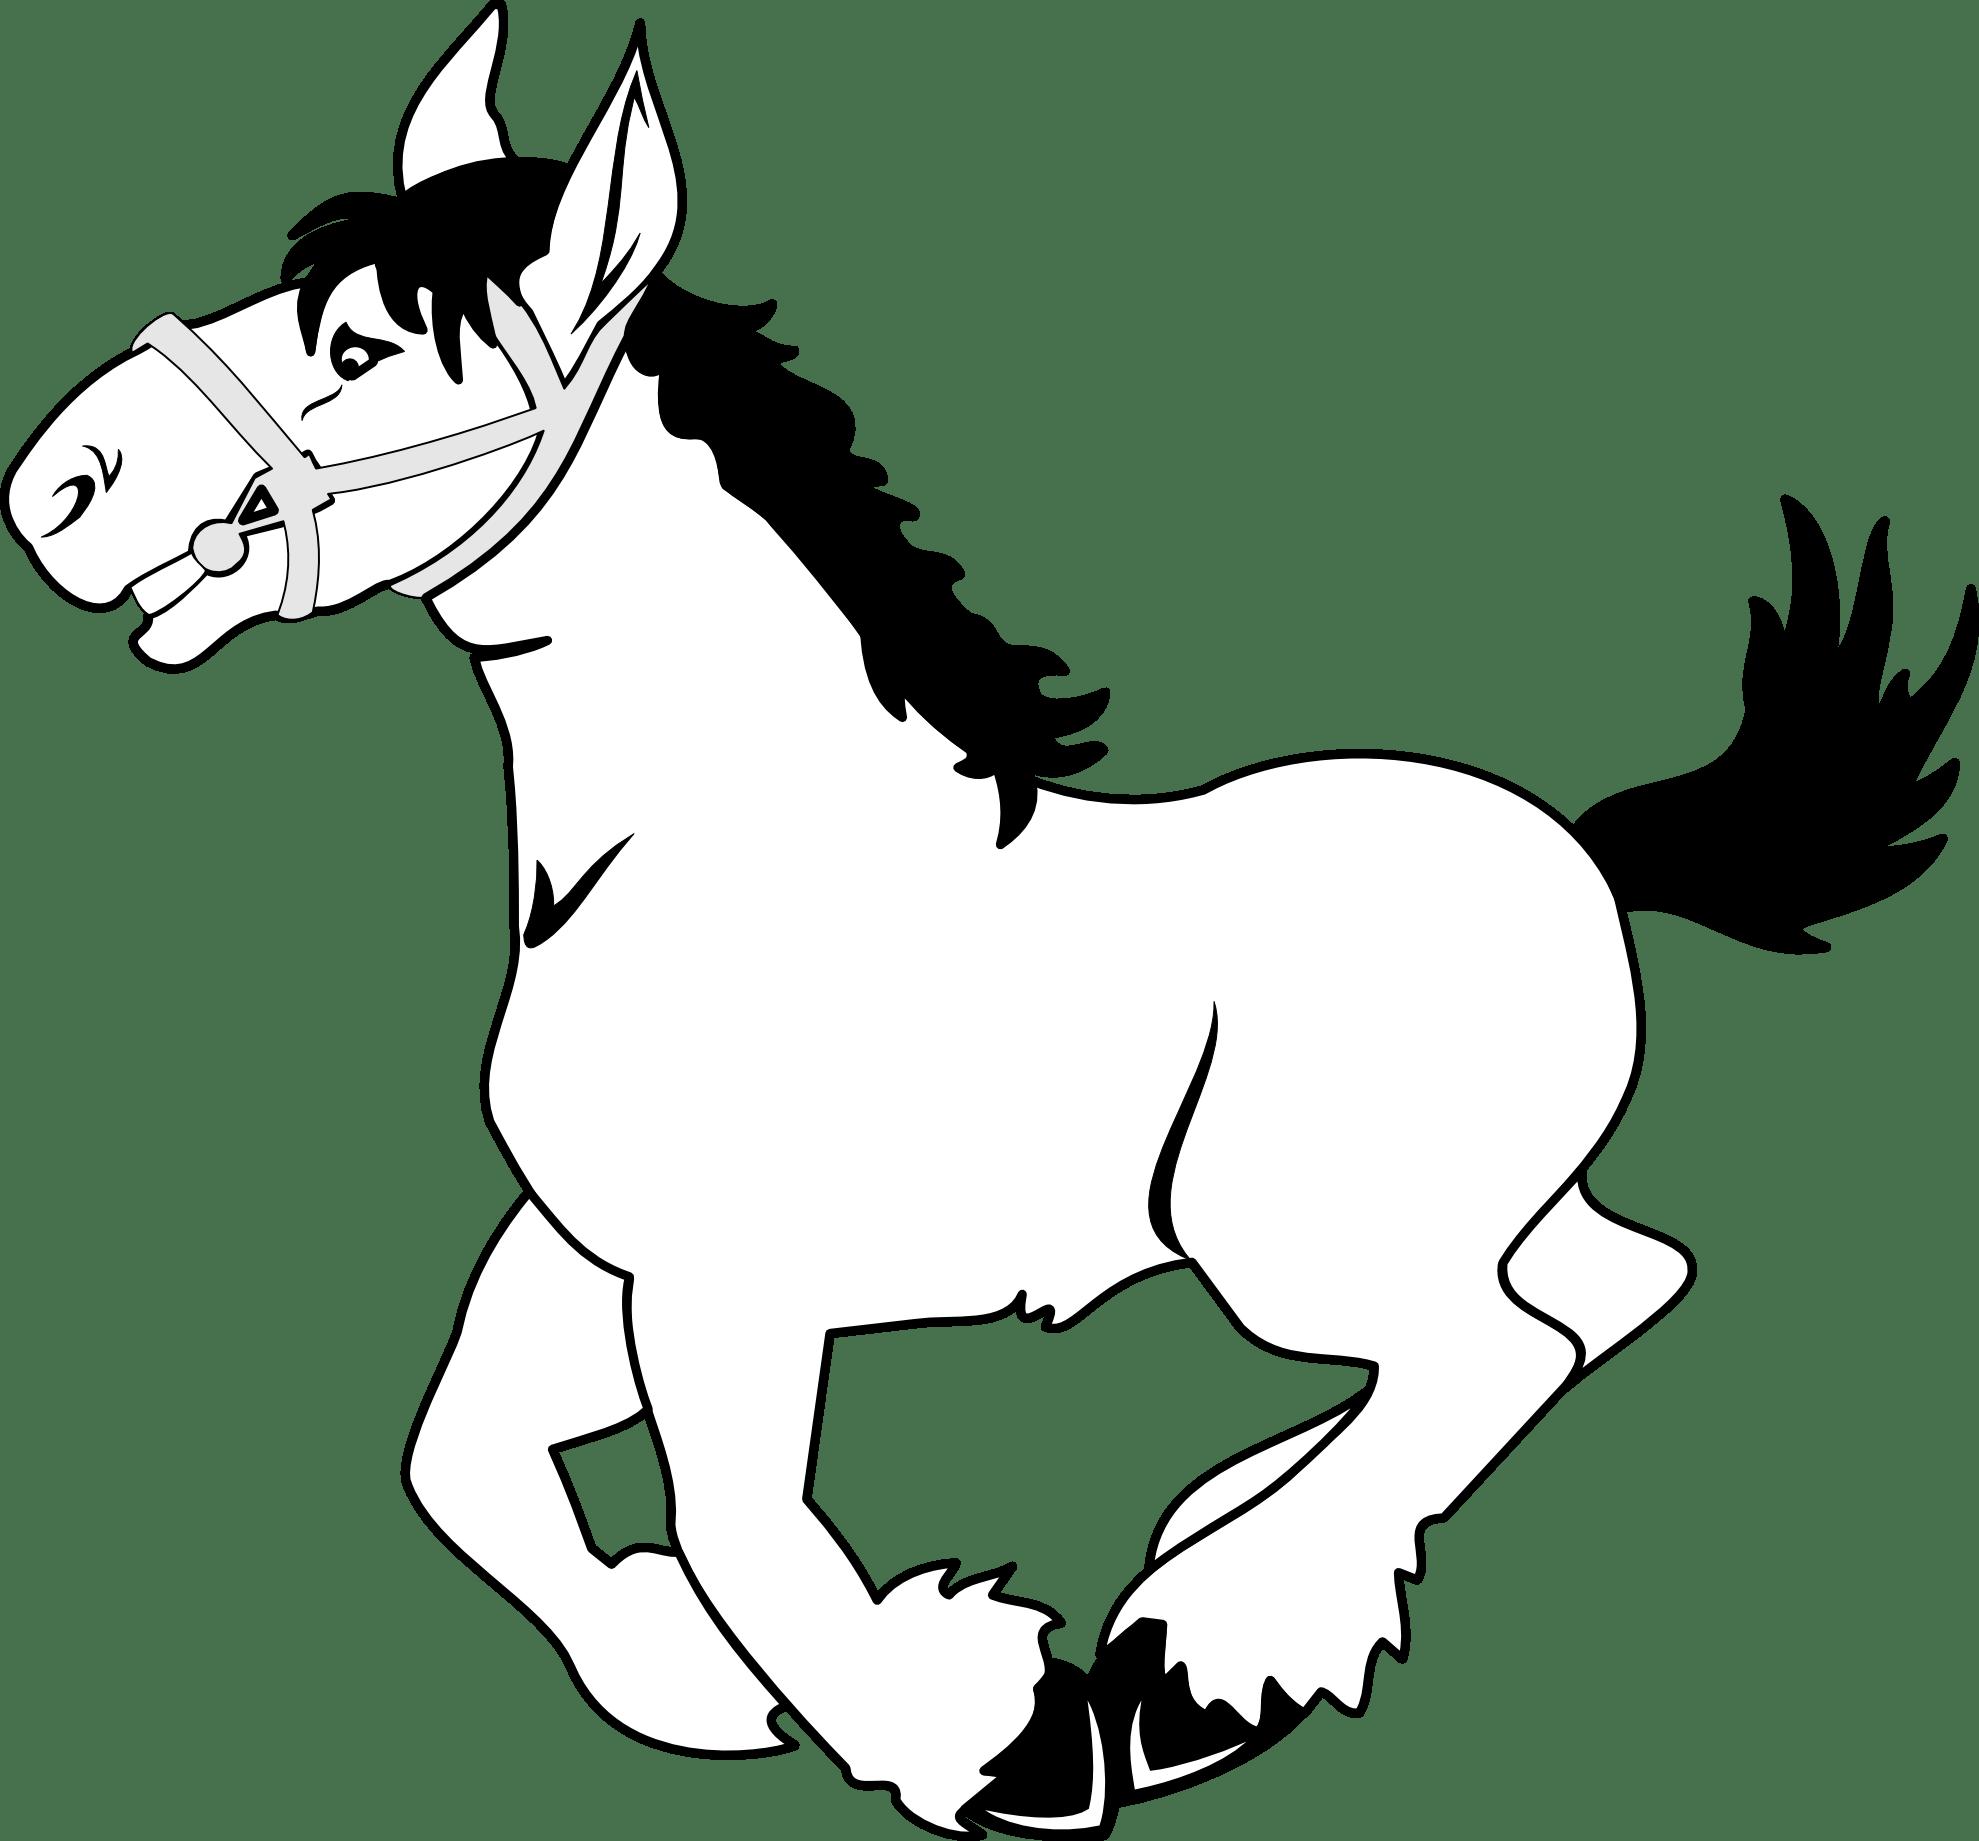 Artfavor Horse 3 Black White Line Art Scalable